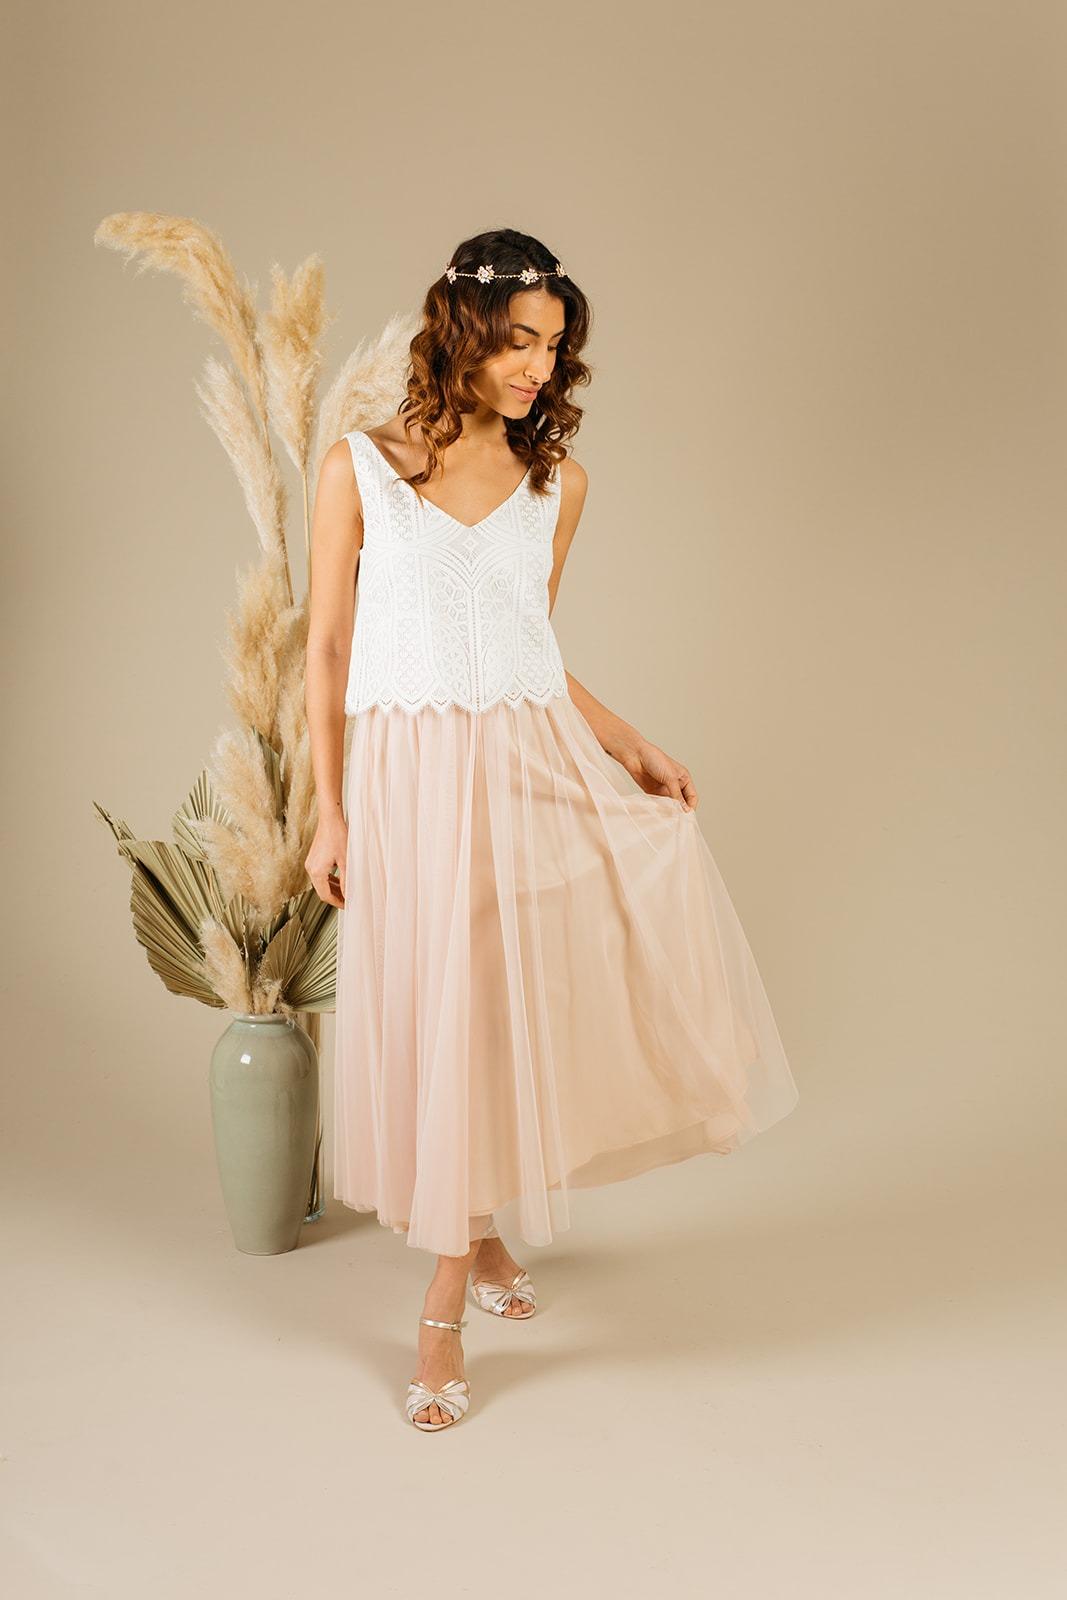 Modell mit zweiteiligem noni-Brautkleid mit rosa Tüfflrock und ärmellosem Boto-Top in Ivory, flache Brautschuhe von Rachel Simspon